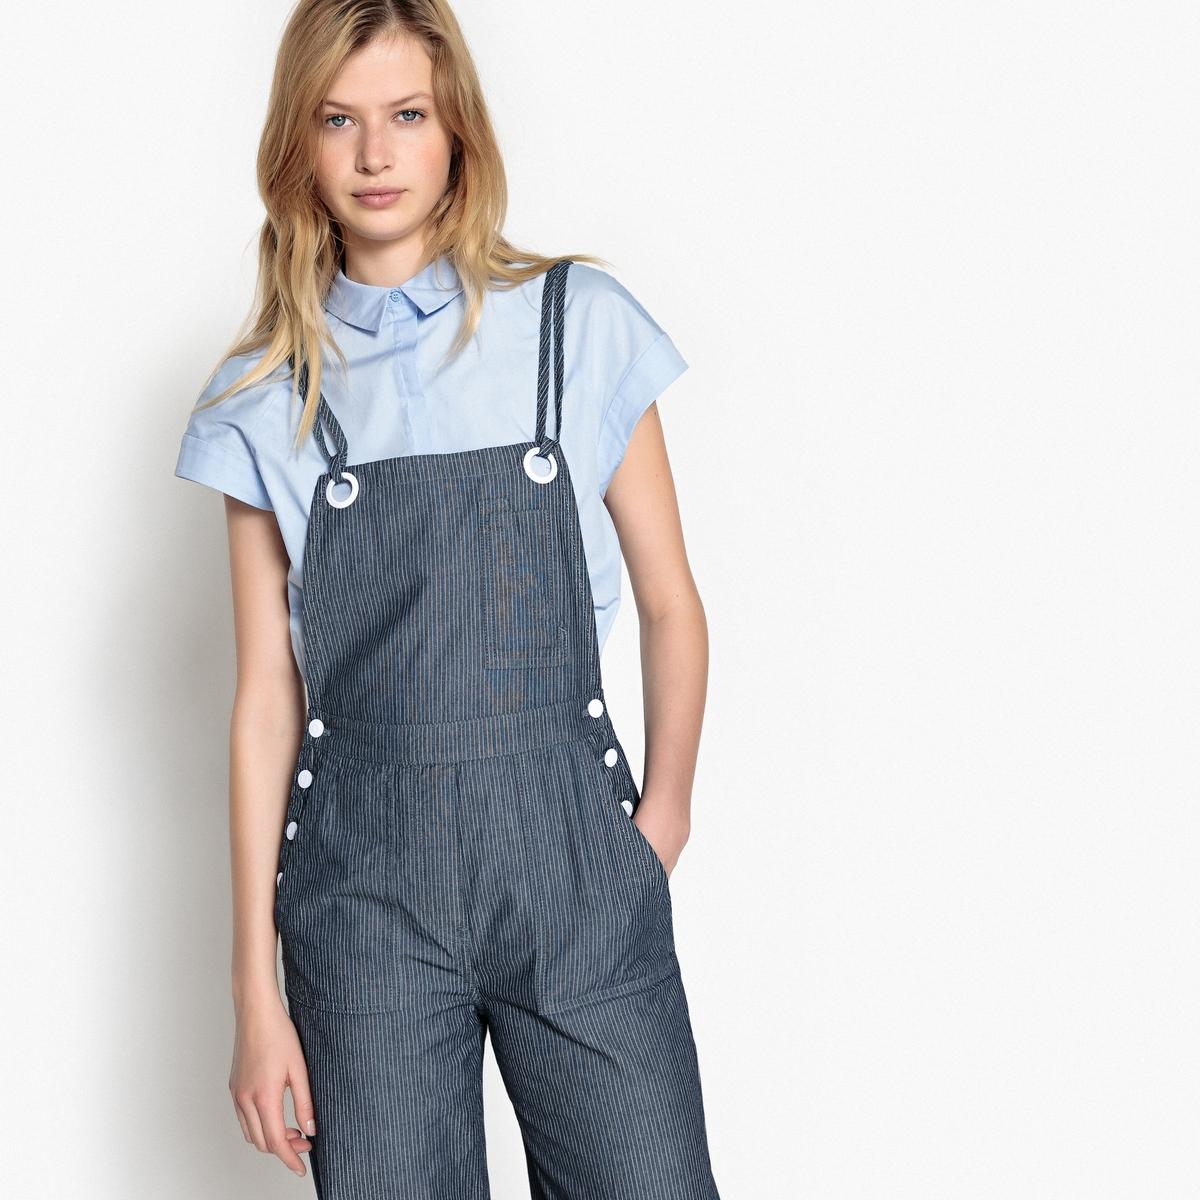 Комбинезон широкий в полоску на тонких бретелях из джинсовой ткани